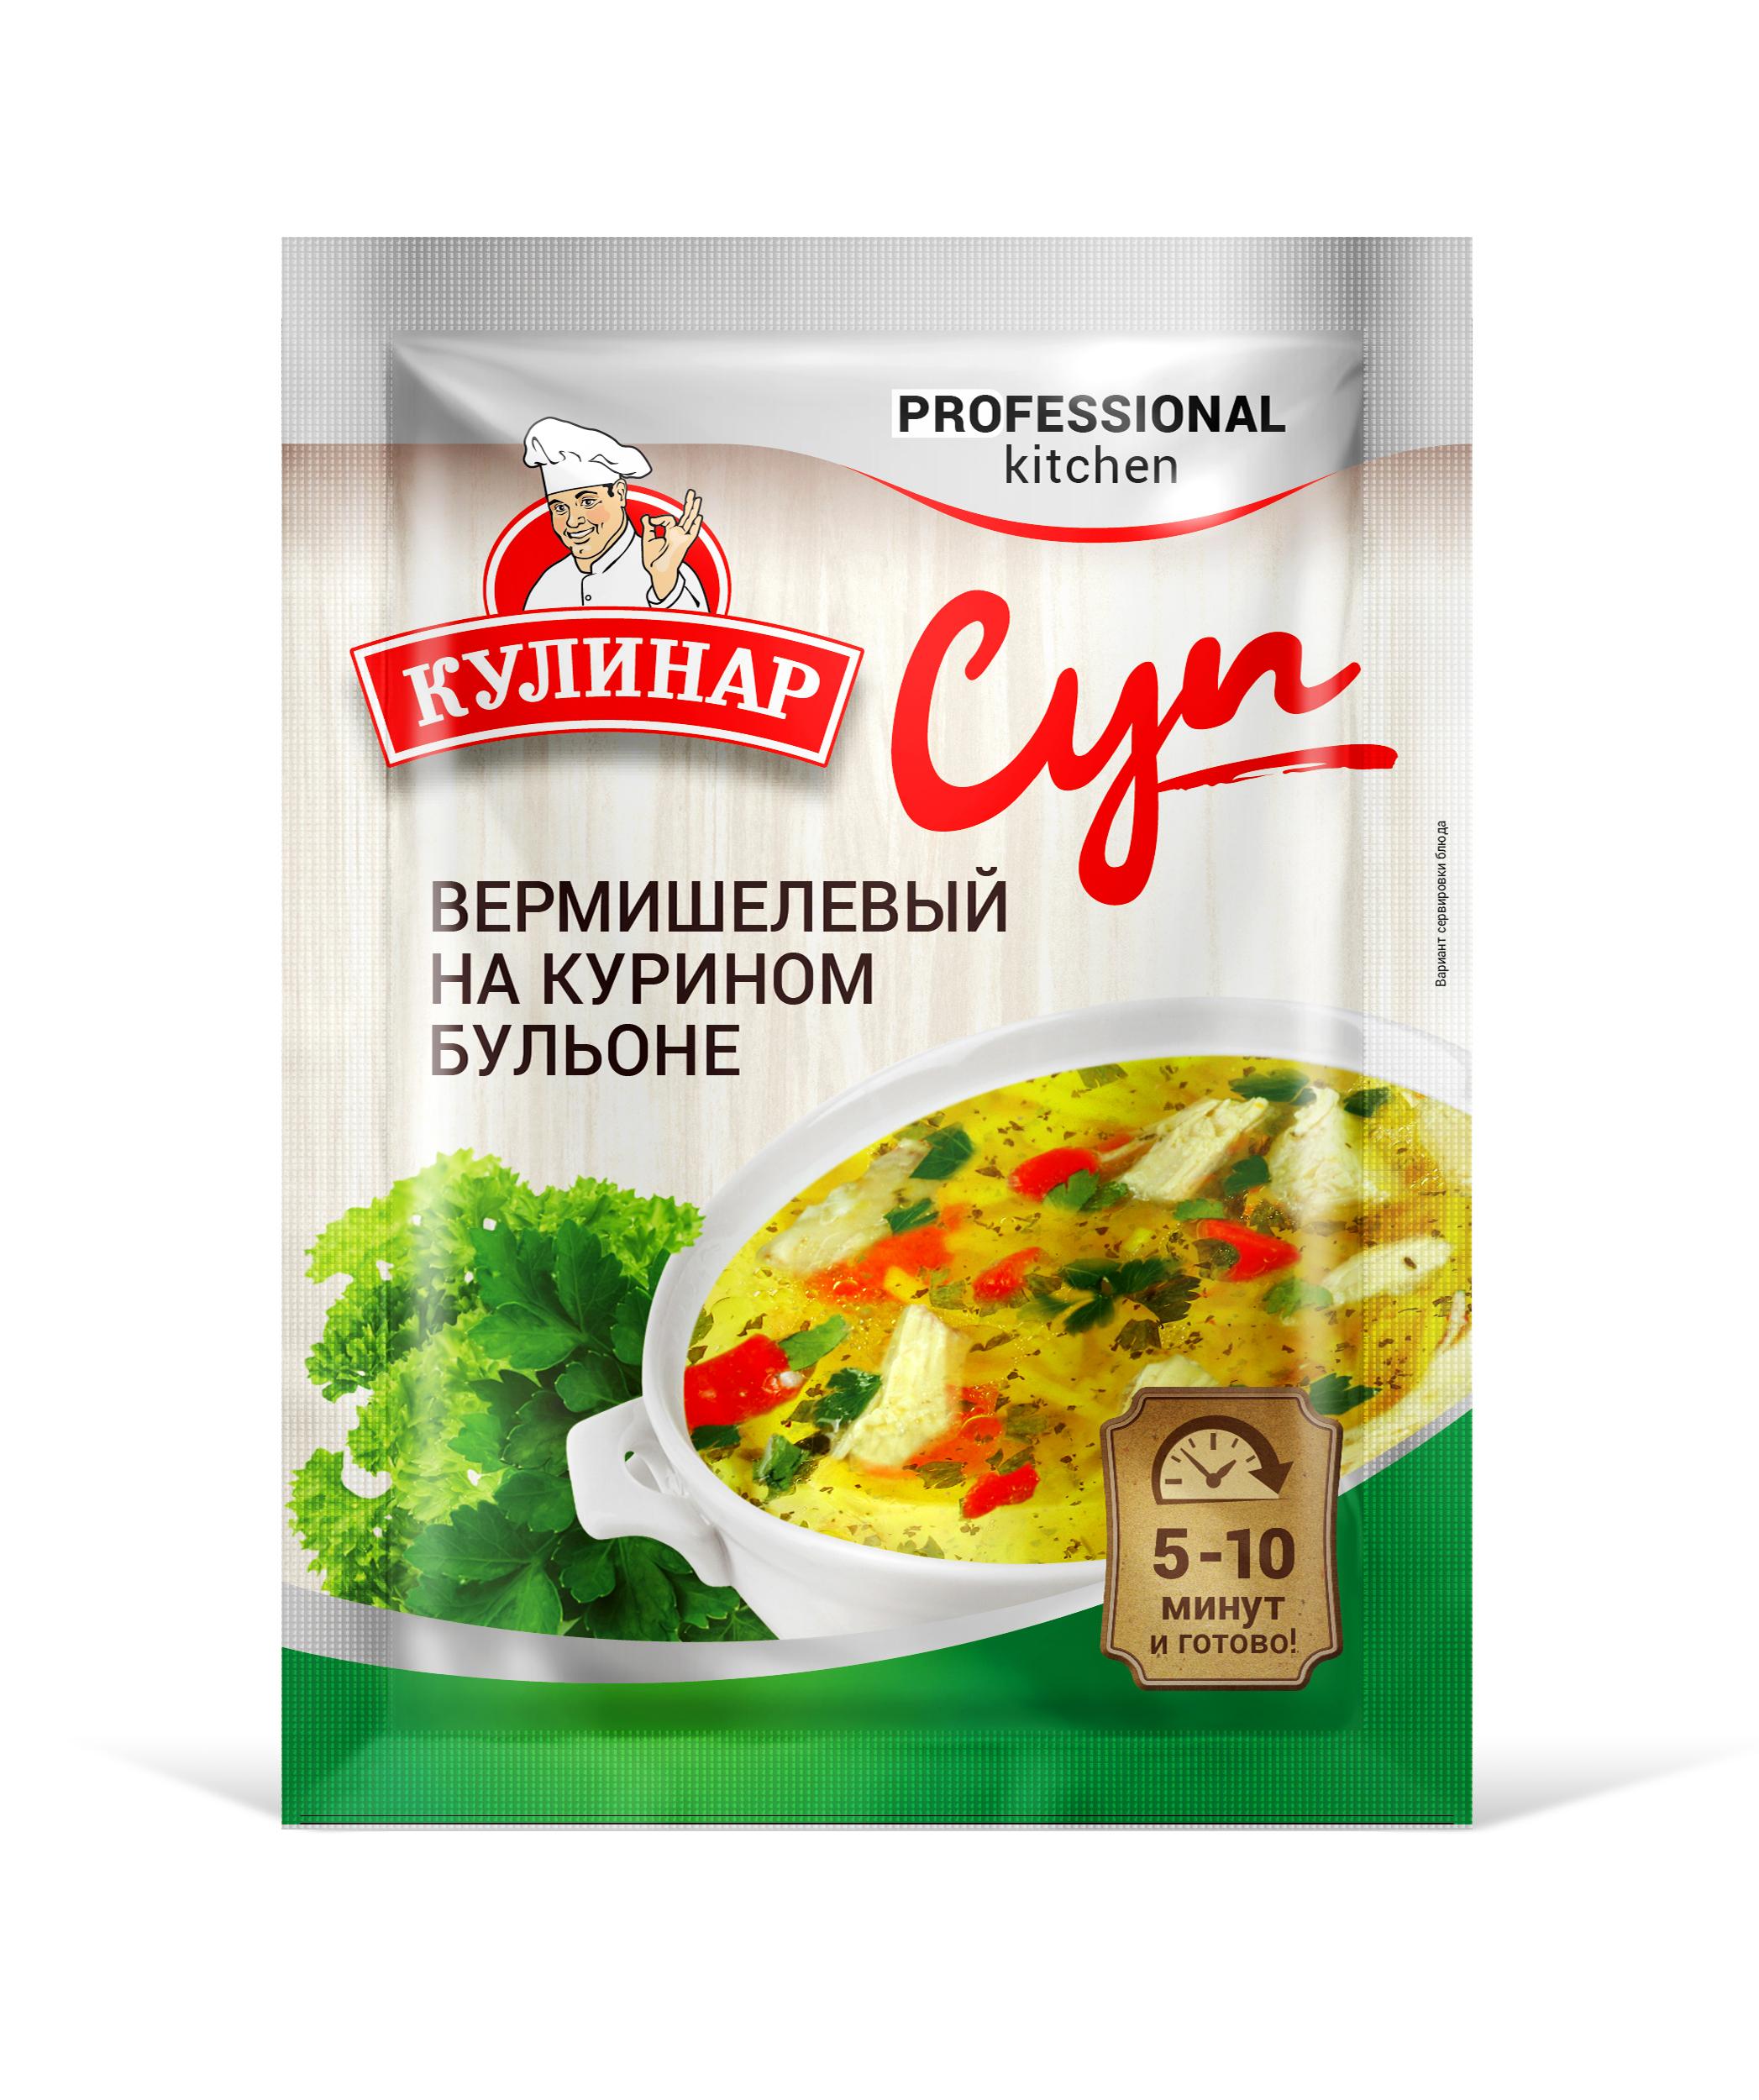 Картинка Суп вермишелевый КУЛИНАР на курином бульоне